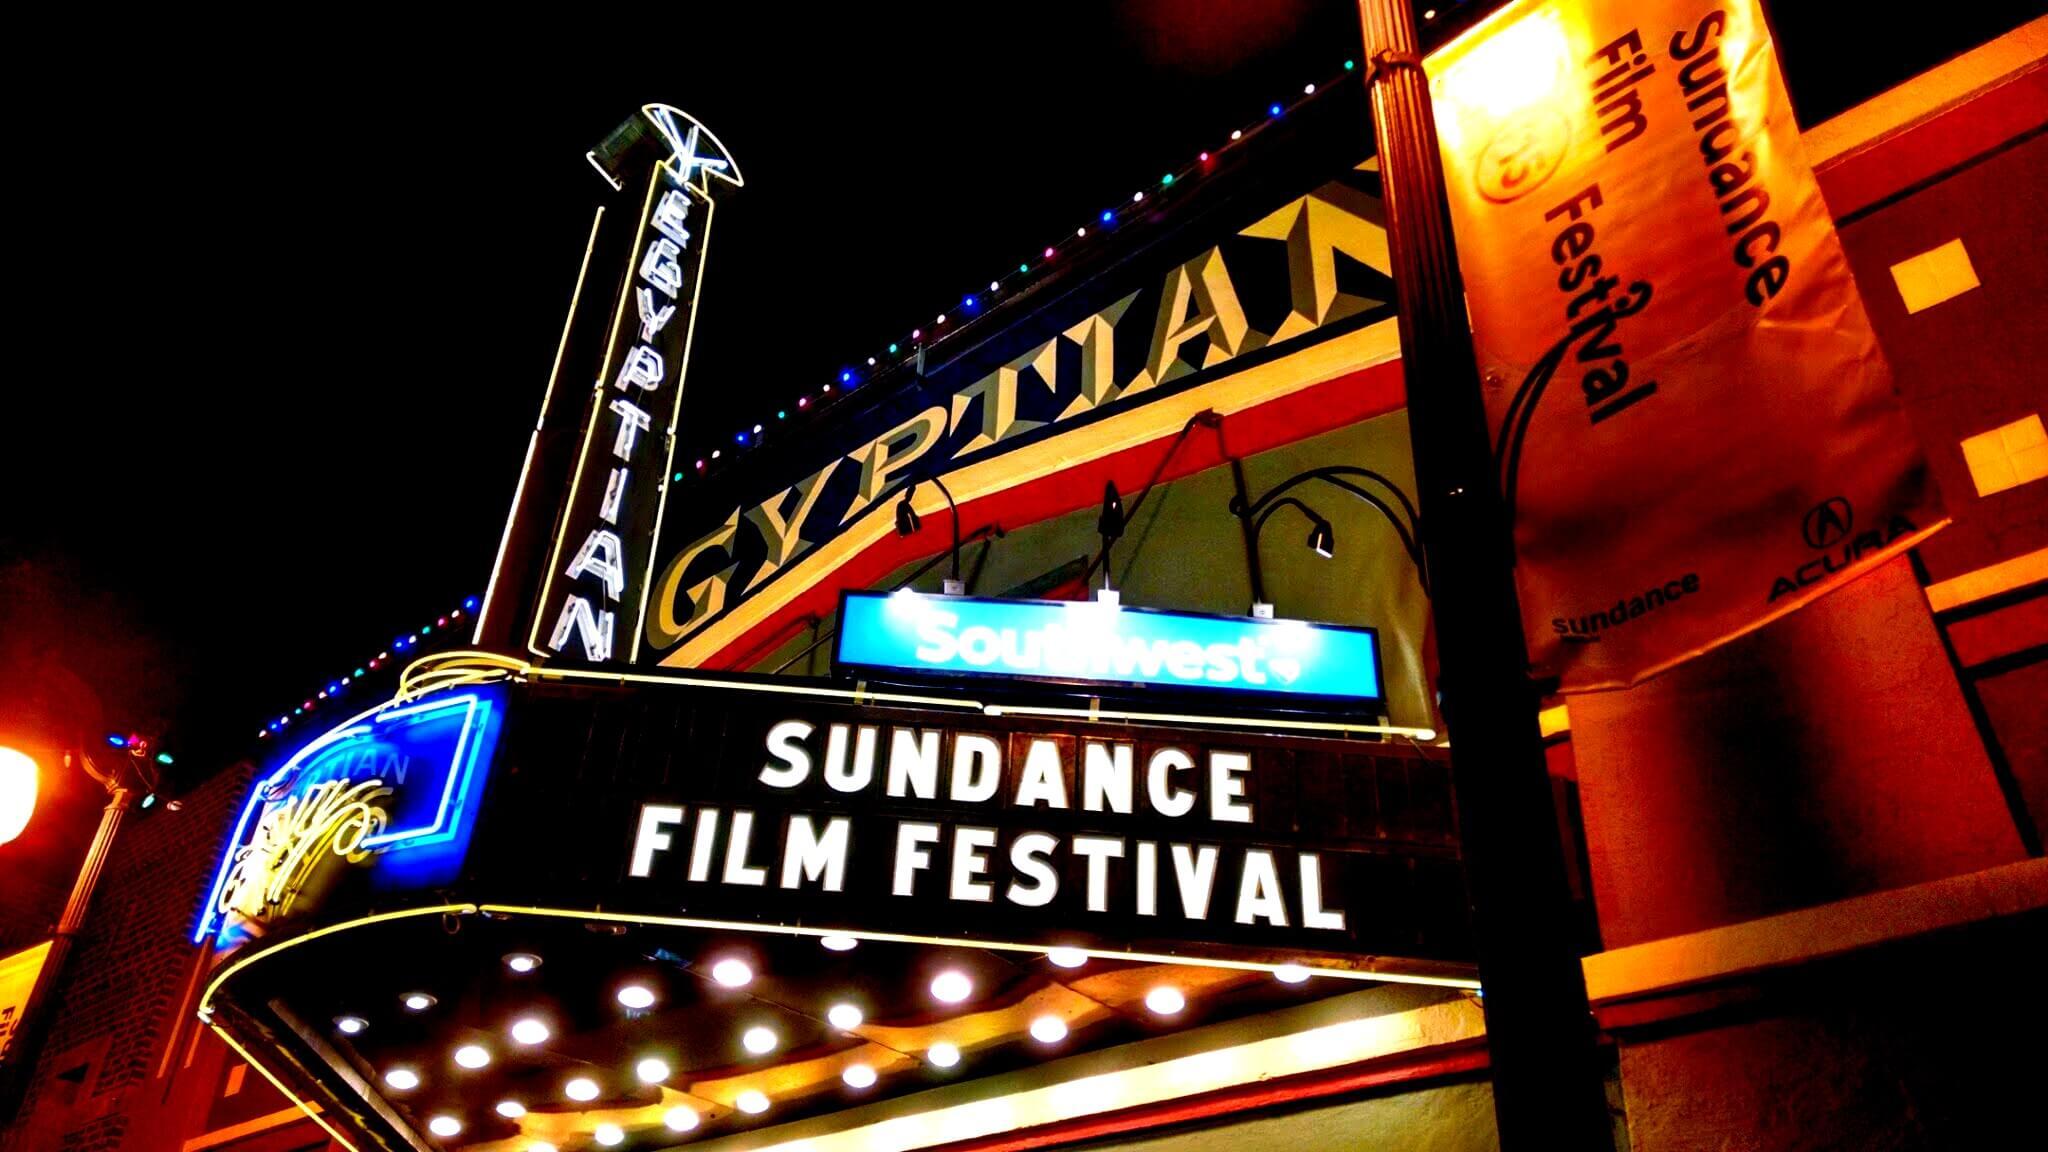 جشنواره فیلم ساندنس – بزرگترین گردهمایی فیلم های مستقل